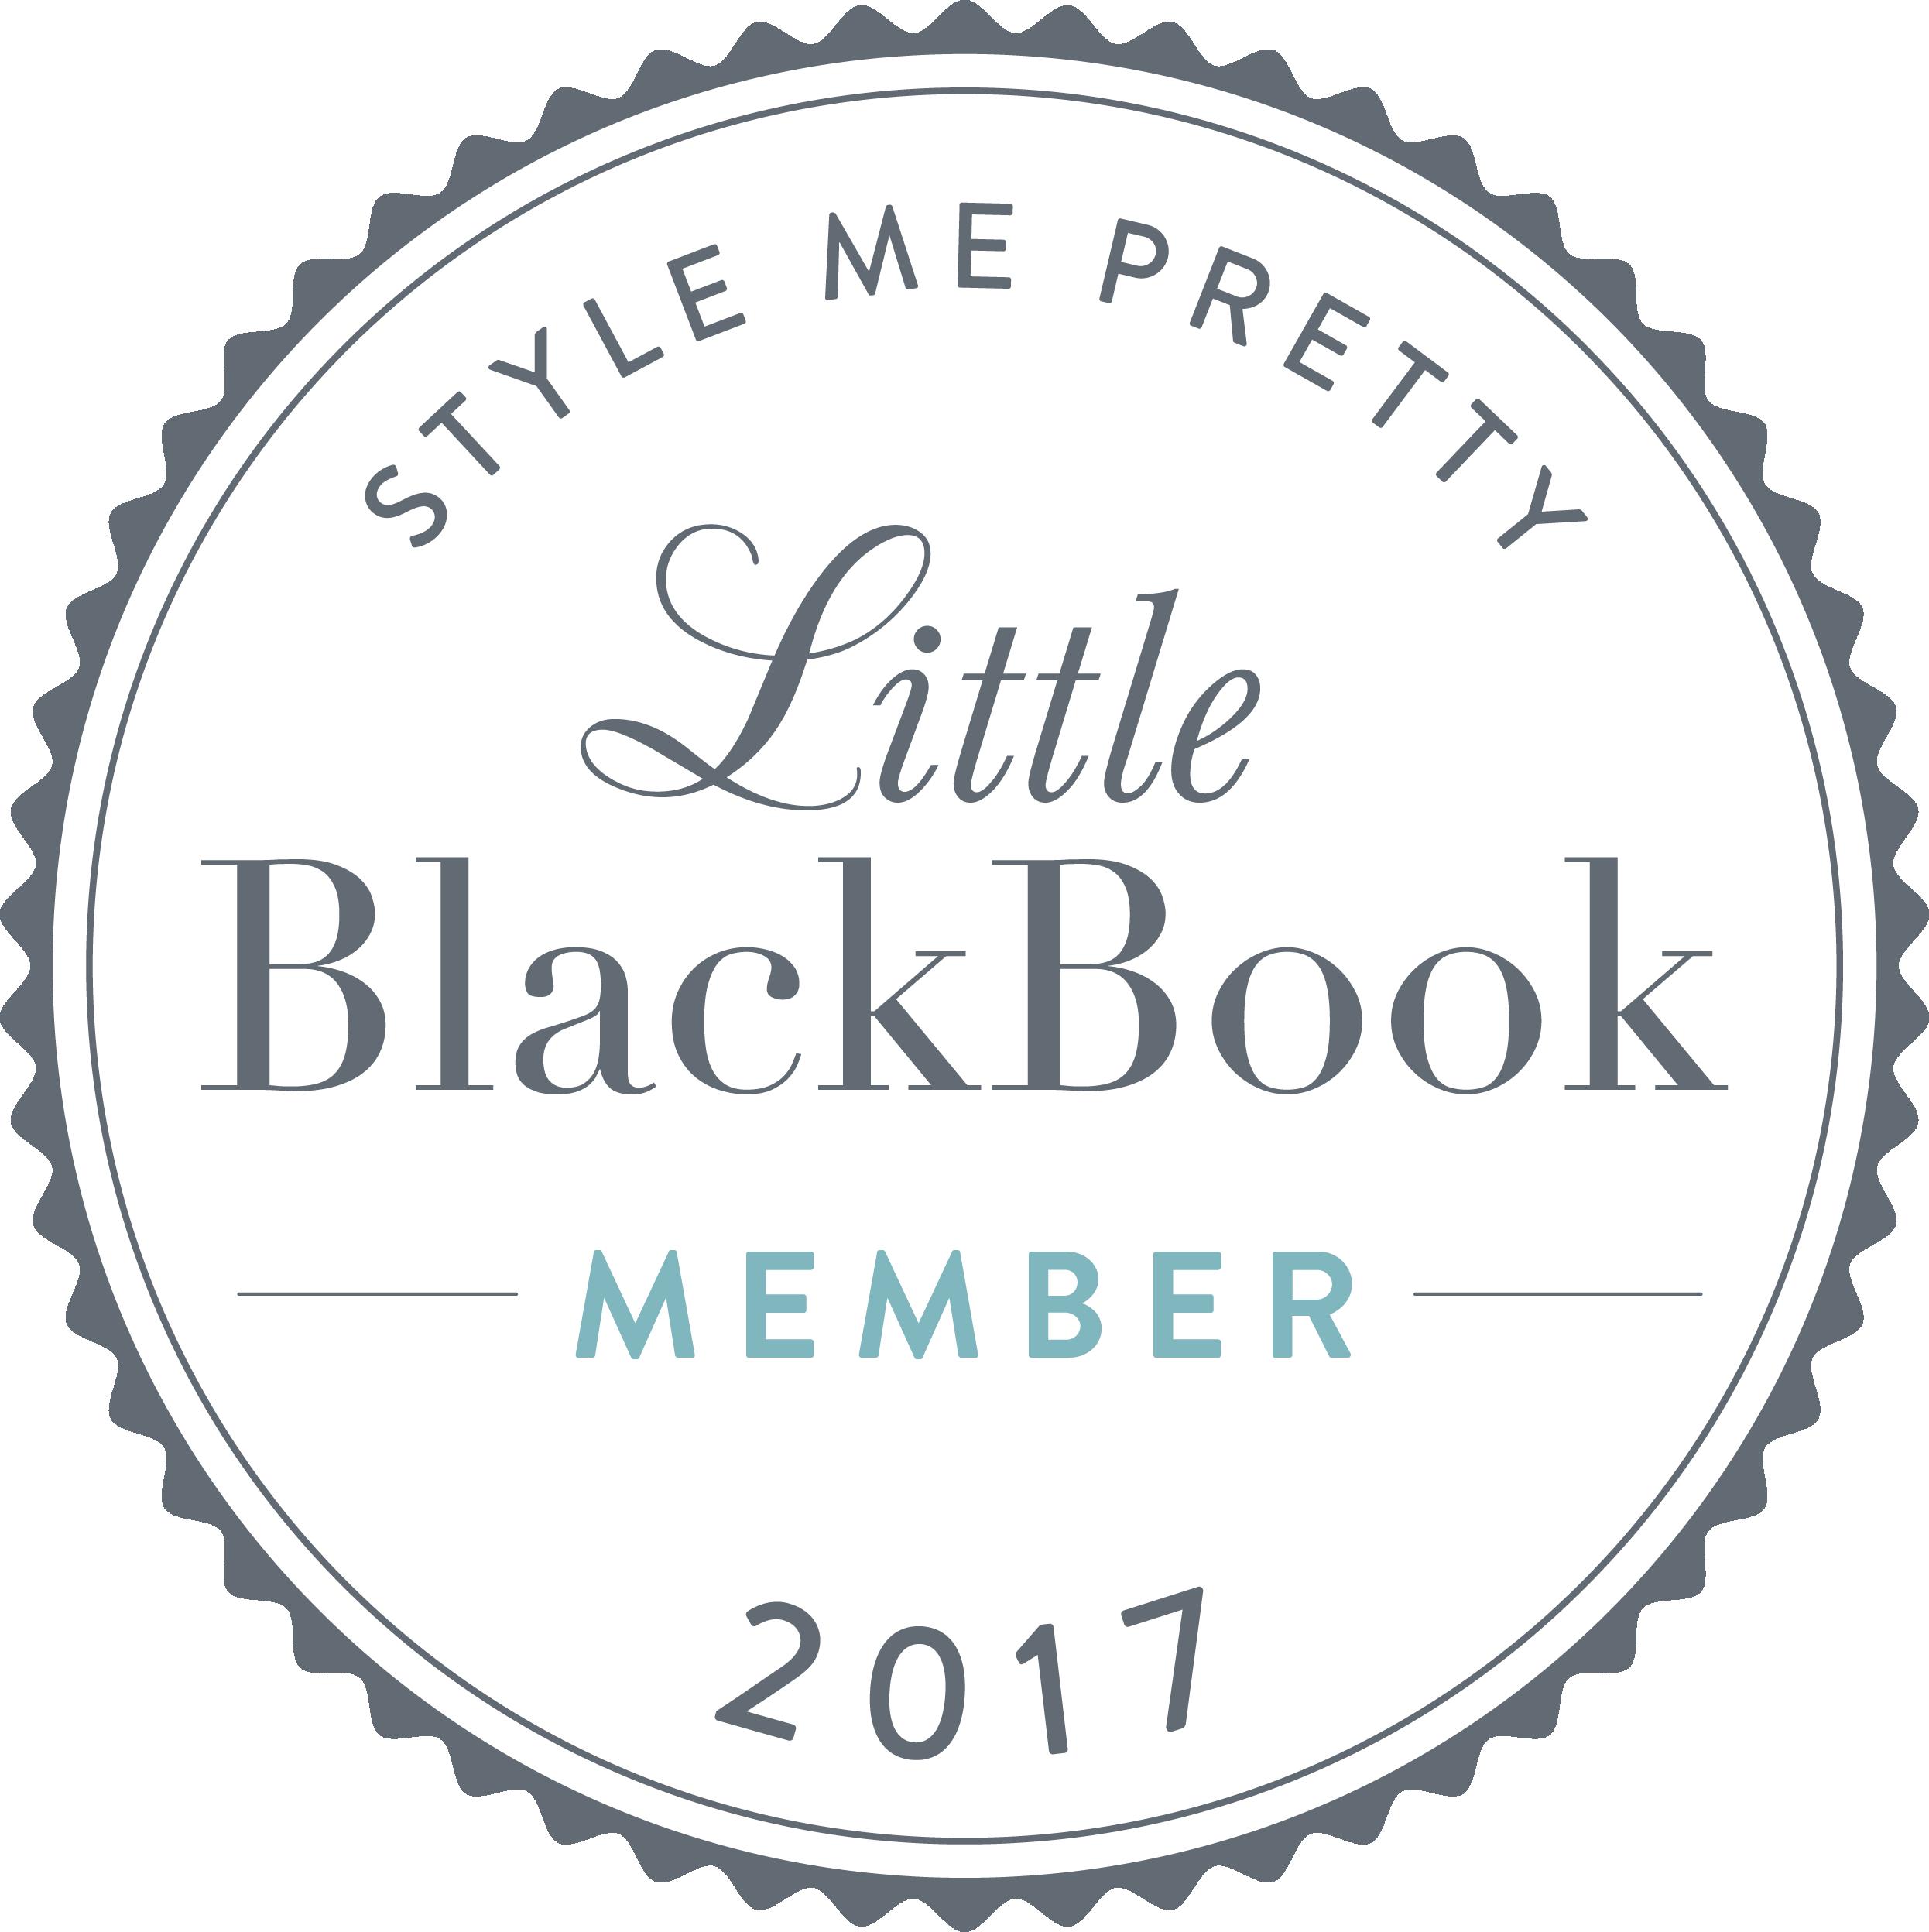 LBB_Member_2017_White